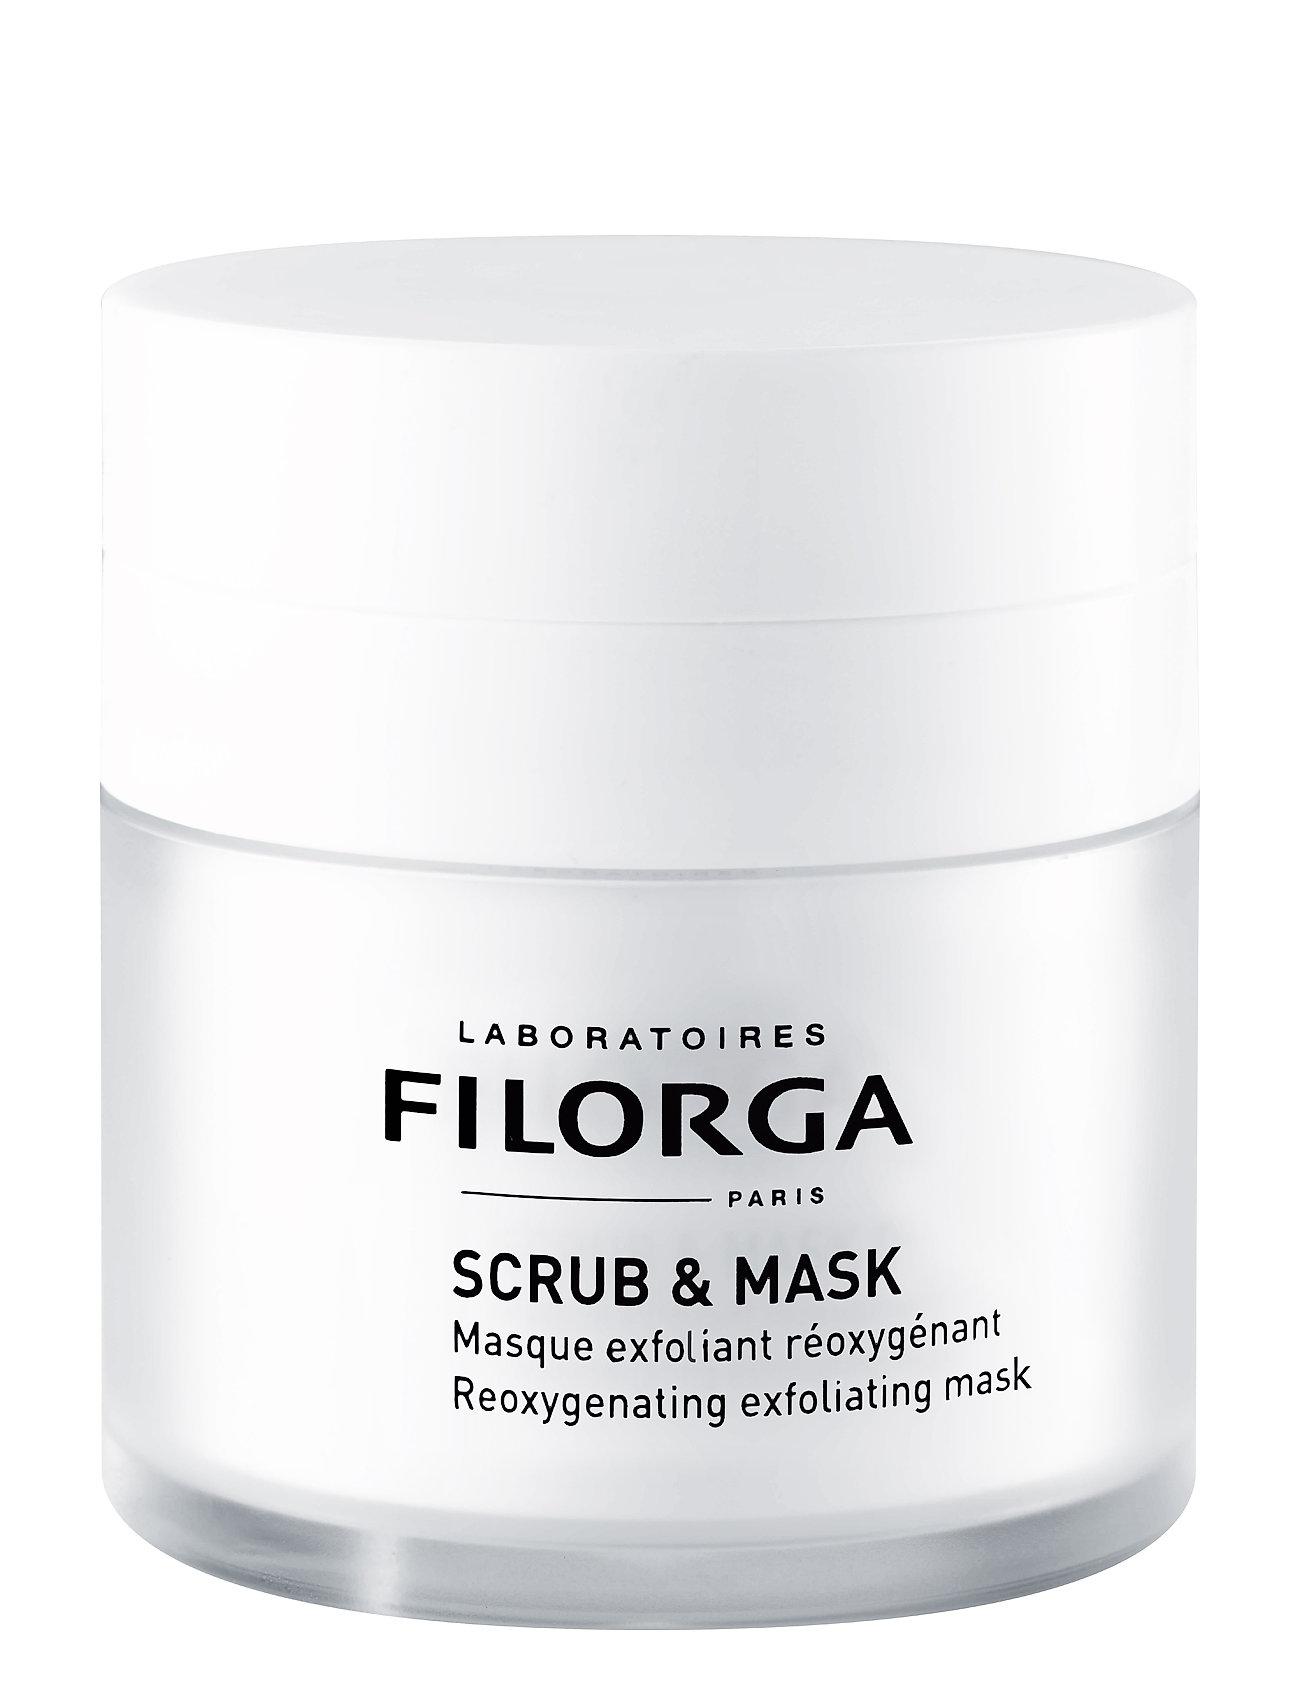 Filorga Scrub & Mask - NO COLOR